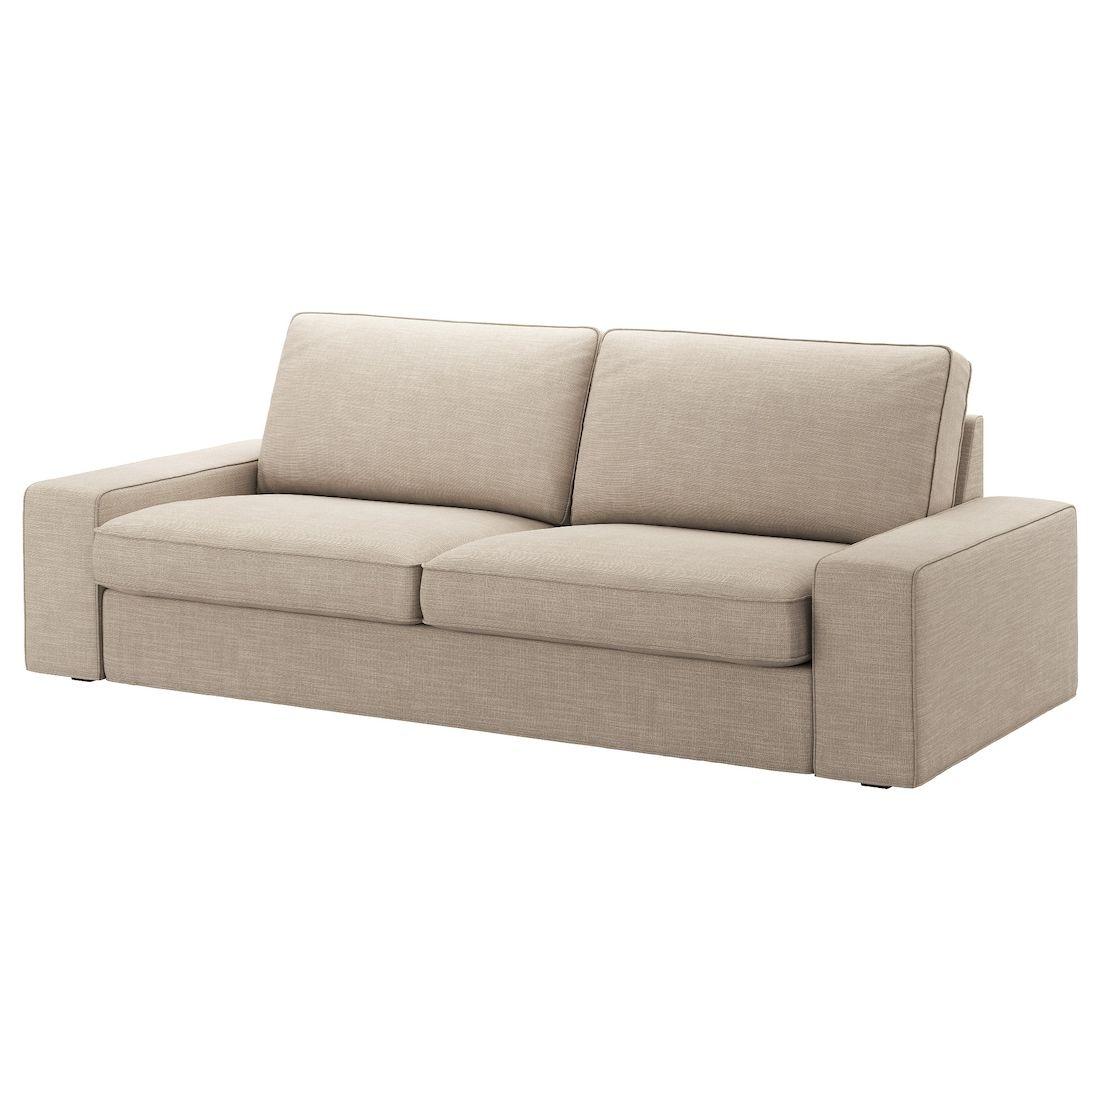 Kivik Sofa Hillared Beige Ikea Kivik Sofa Ikea Kivik Three Seat Sofa